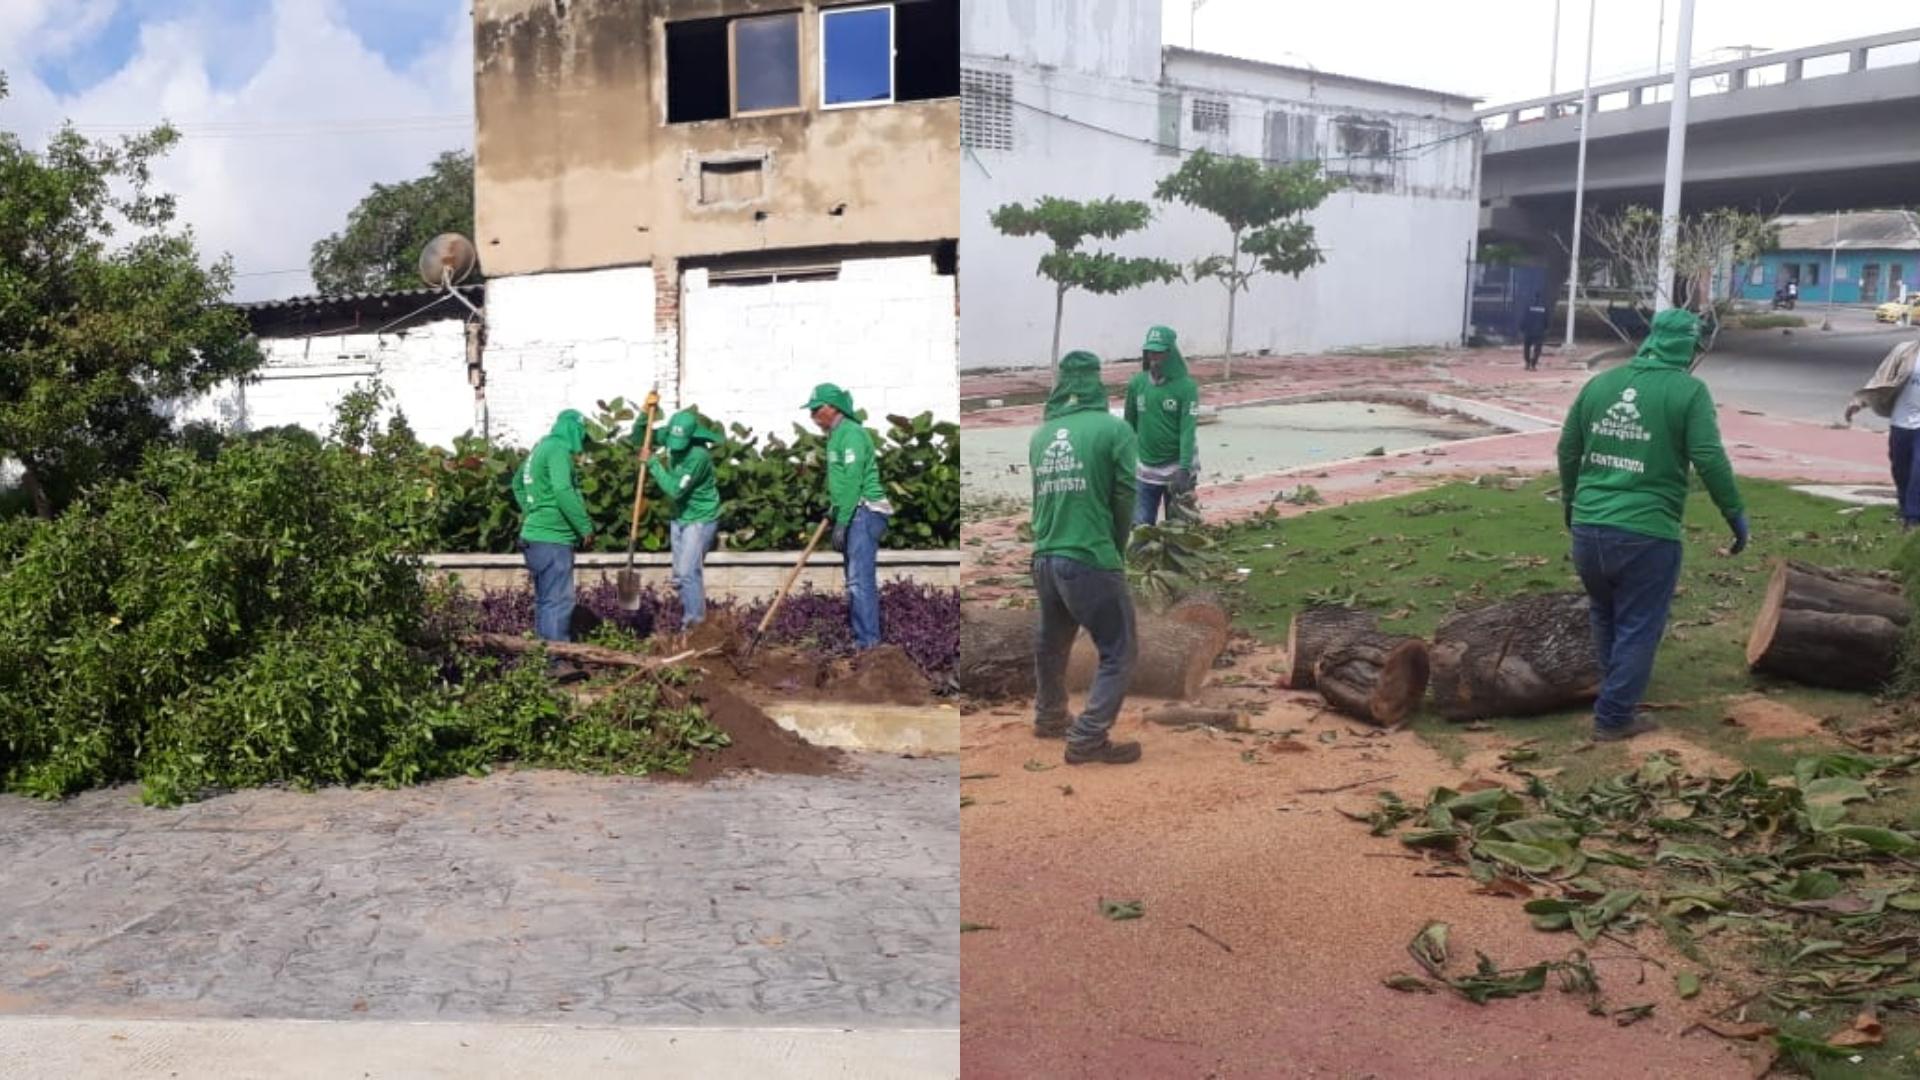 Los guardaparques realizan las labores de remoción de los árboles que fueron derribados por la fuerte brisa.